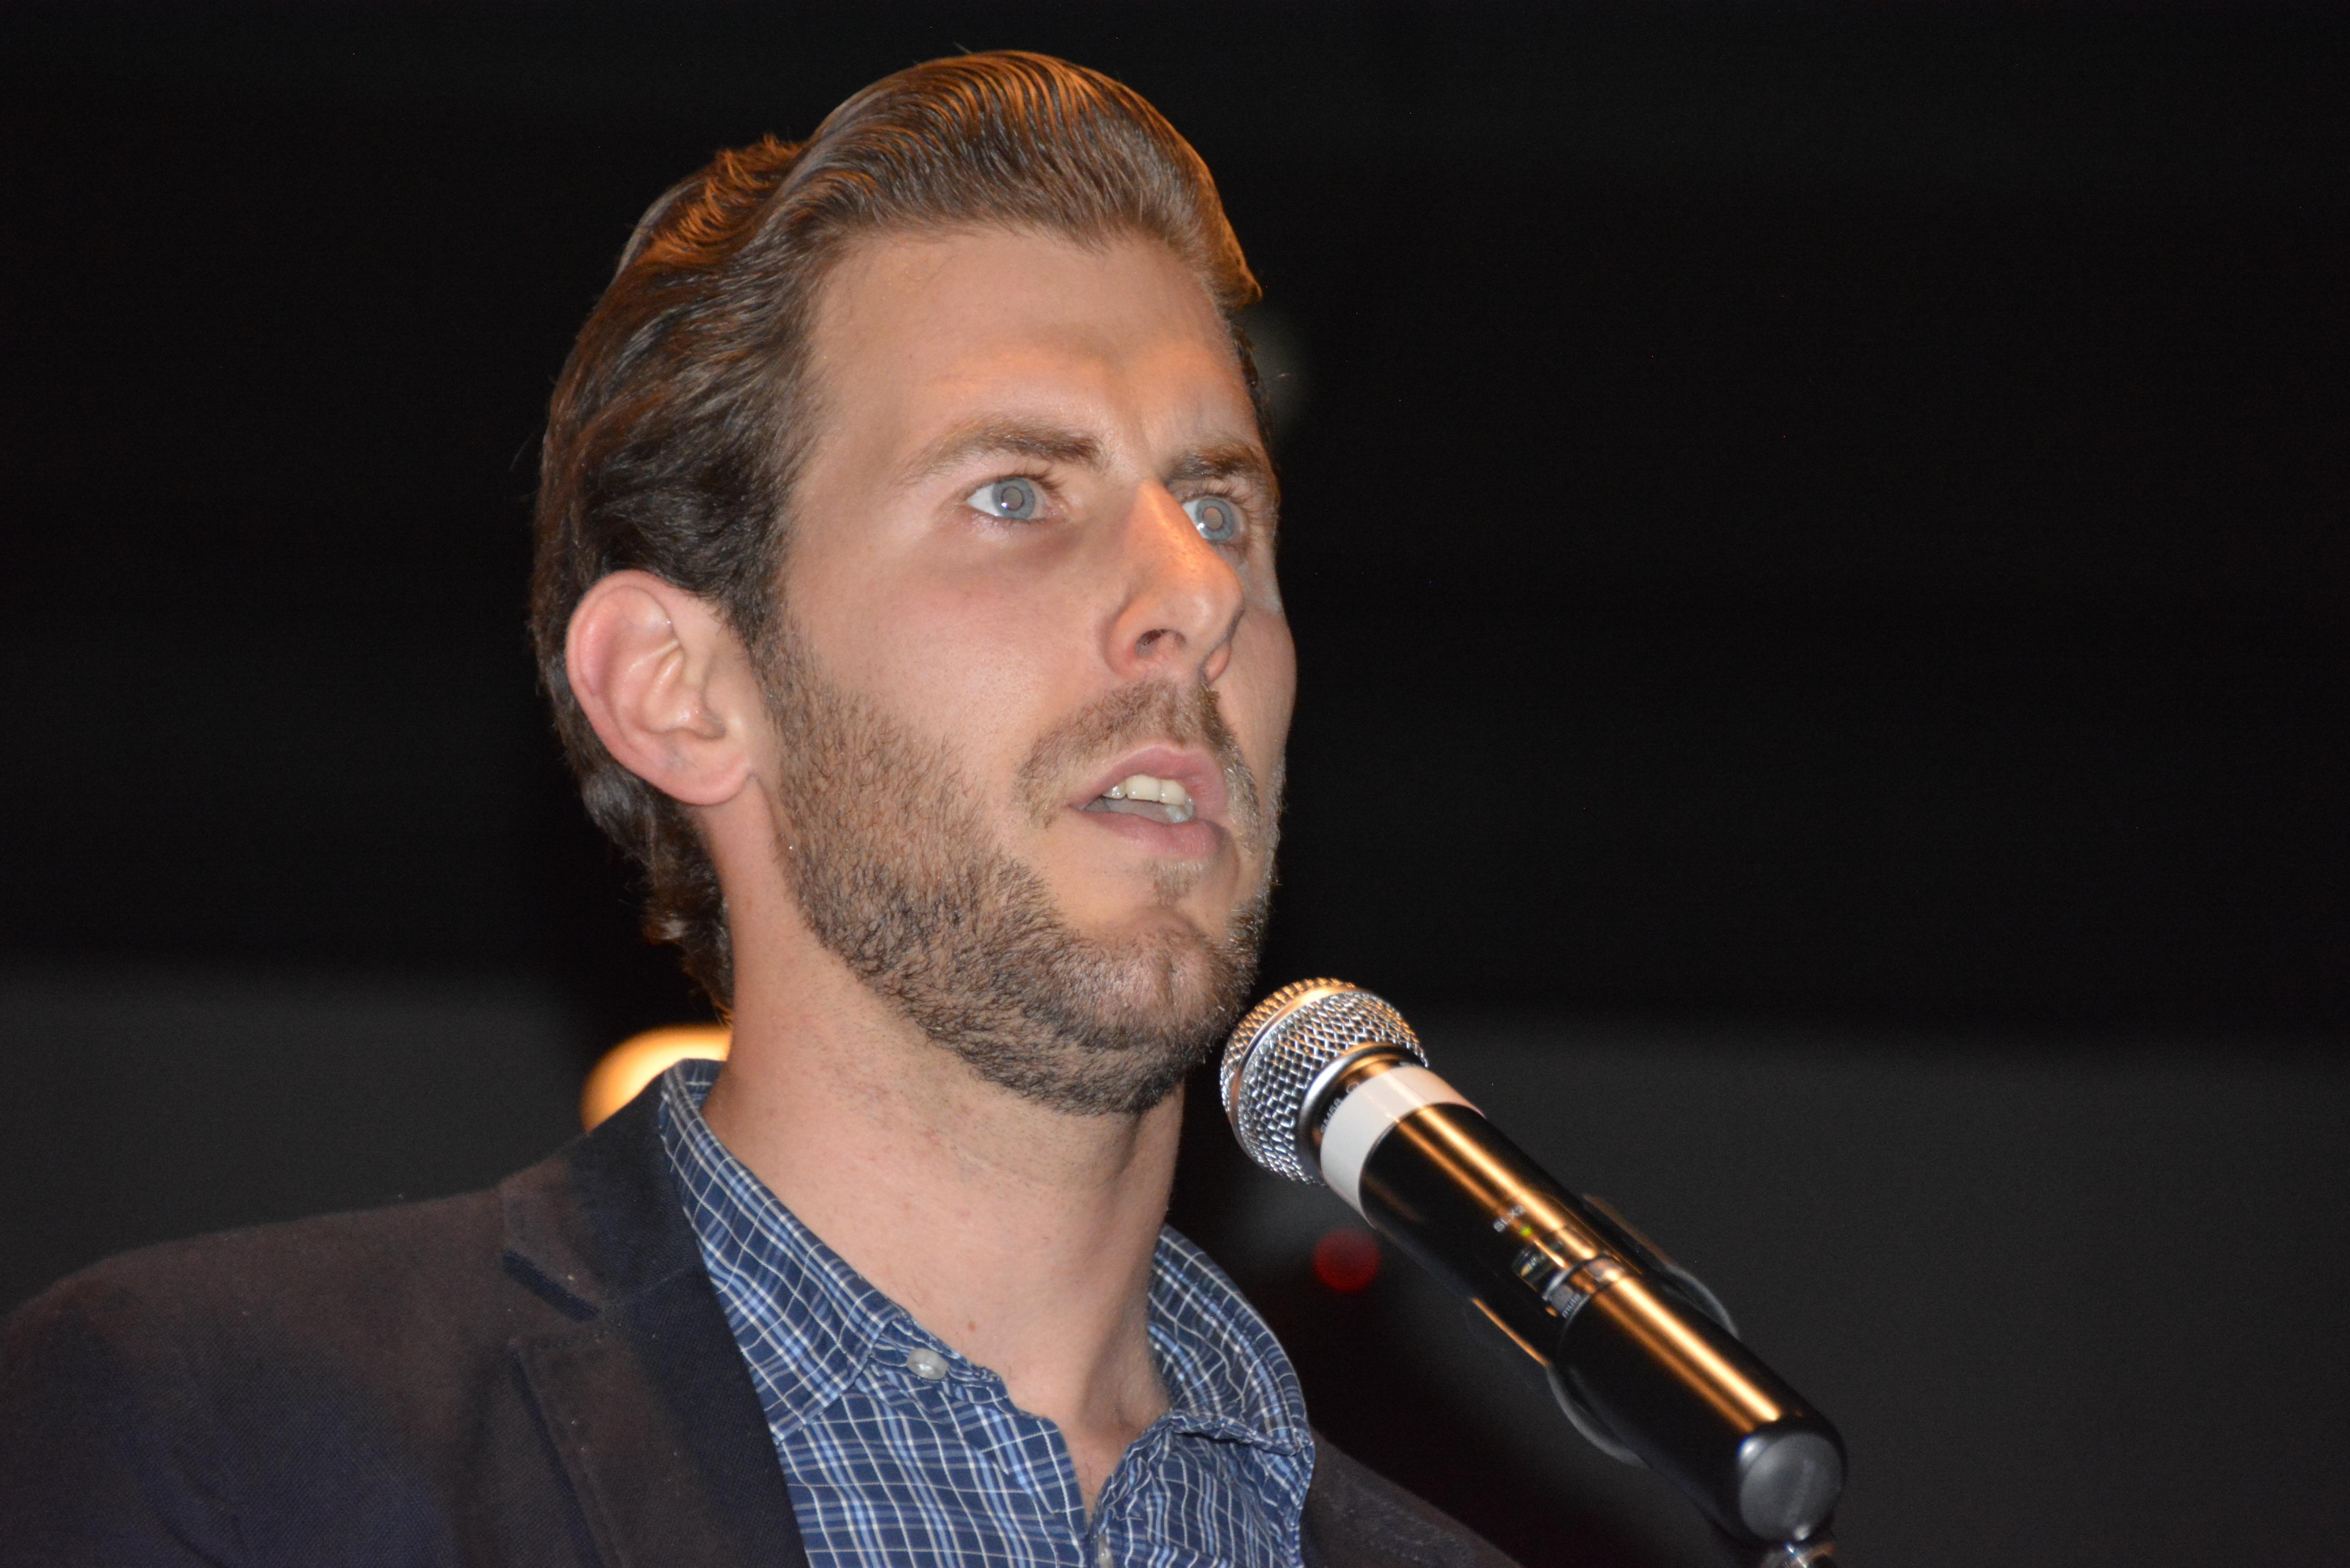 Xavier Nonnenmacher, l'Alsacien de Montréal aux 92 000 signatures stoppe le déversement